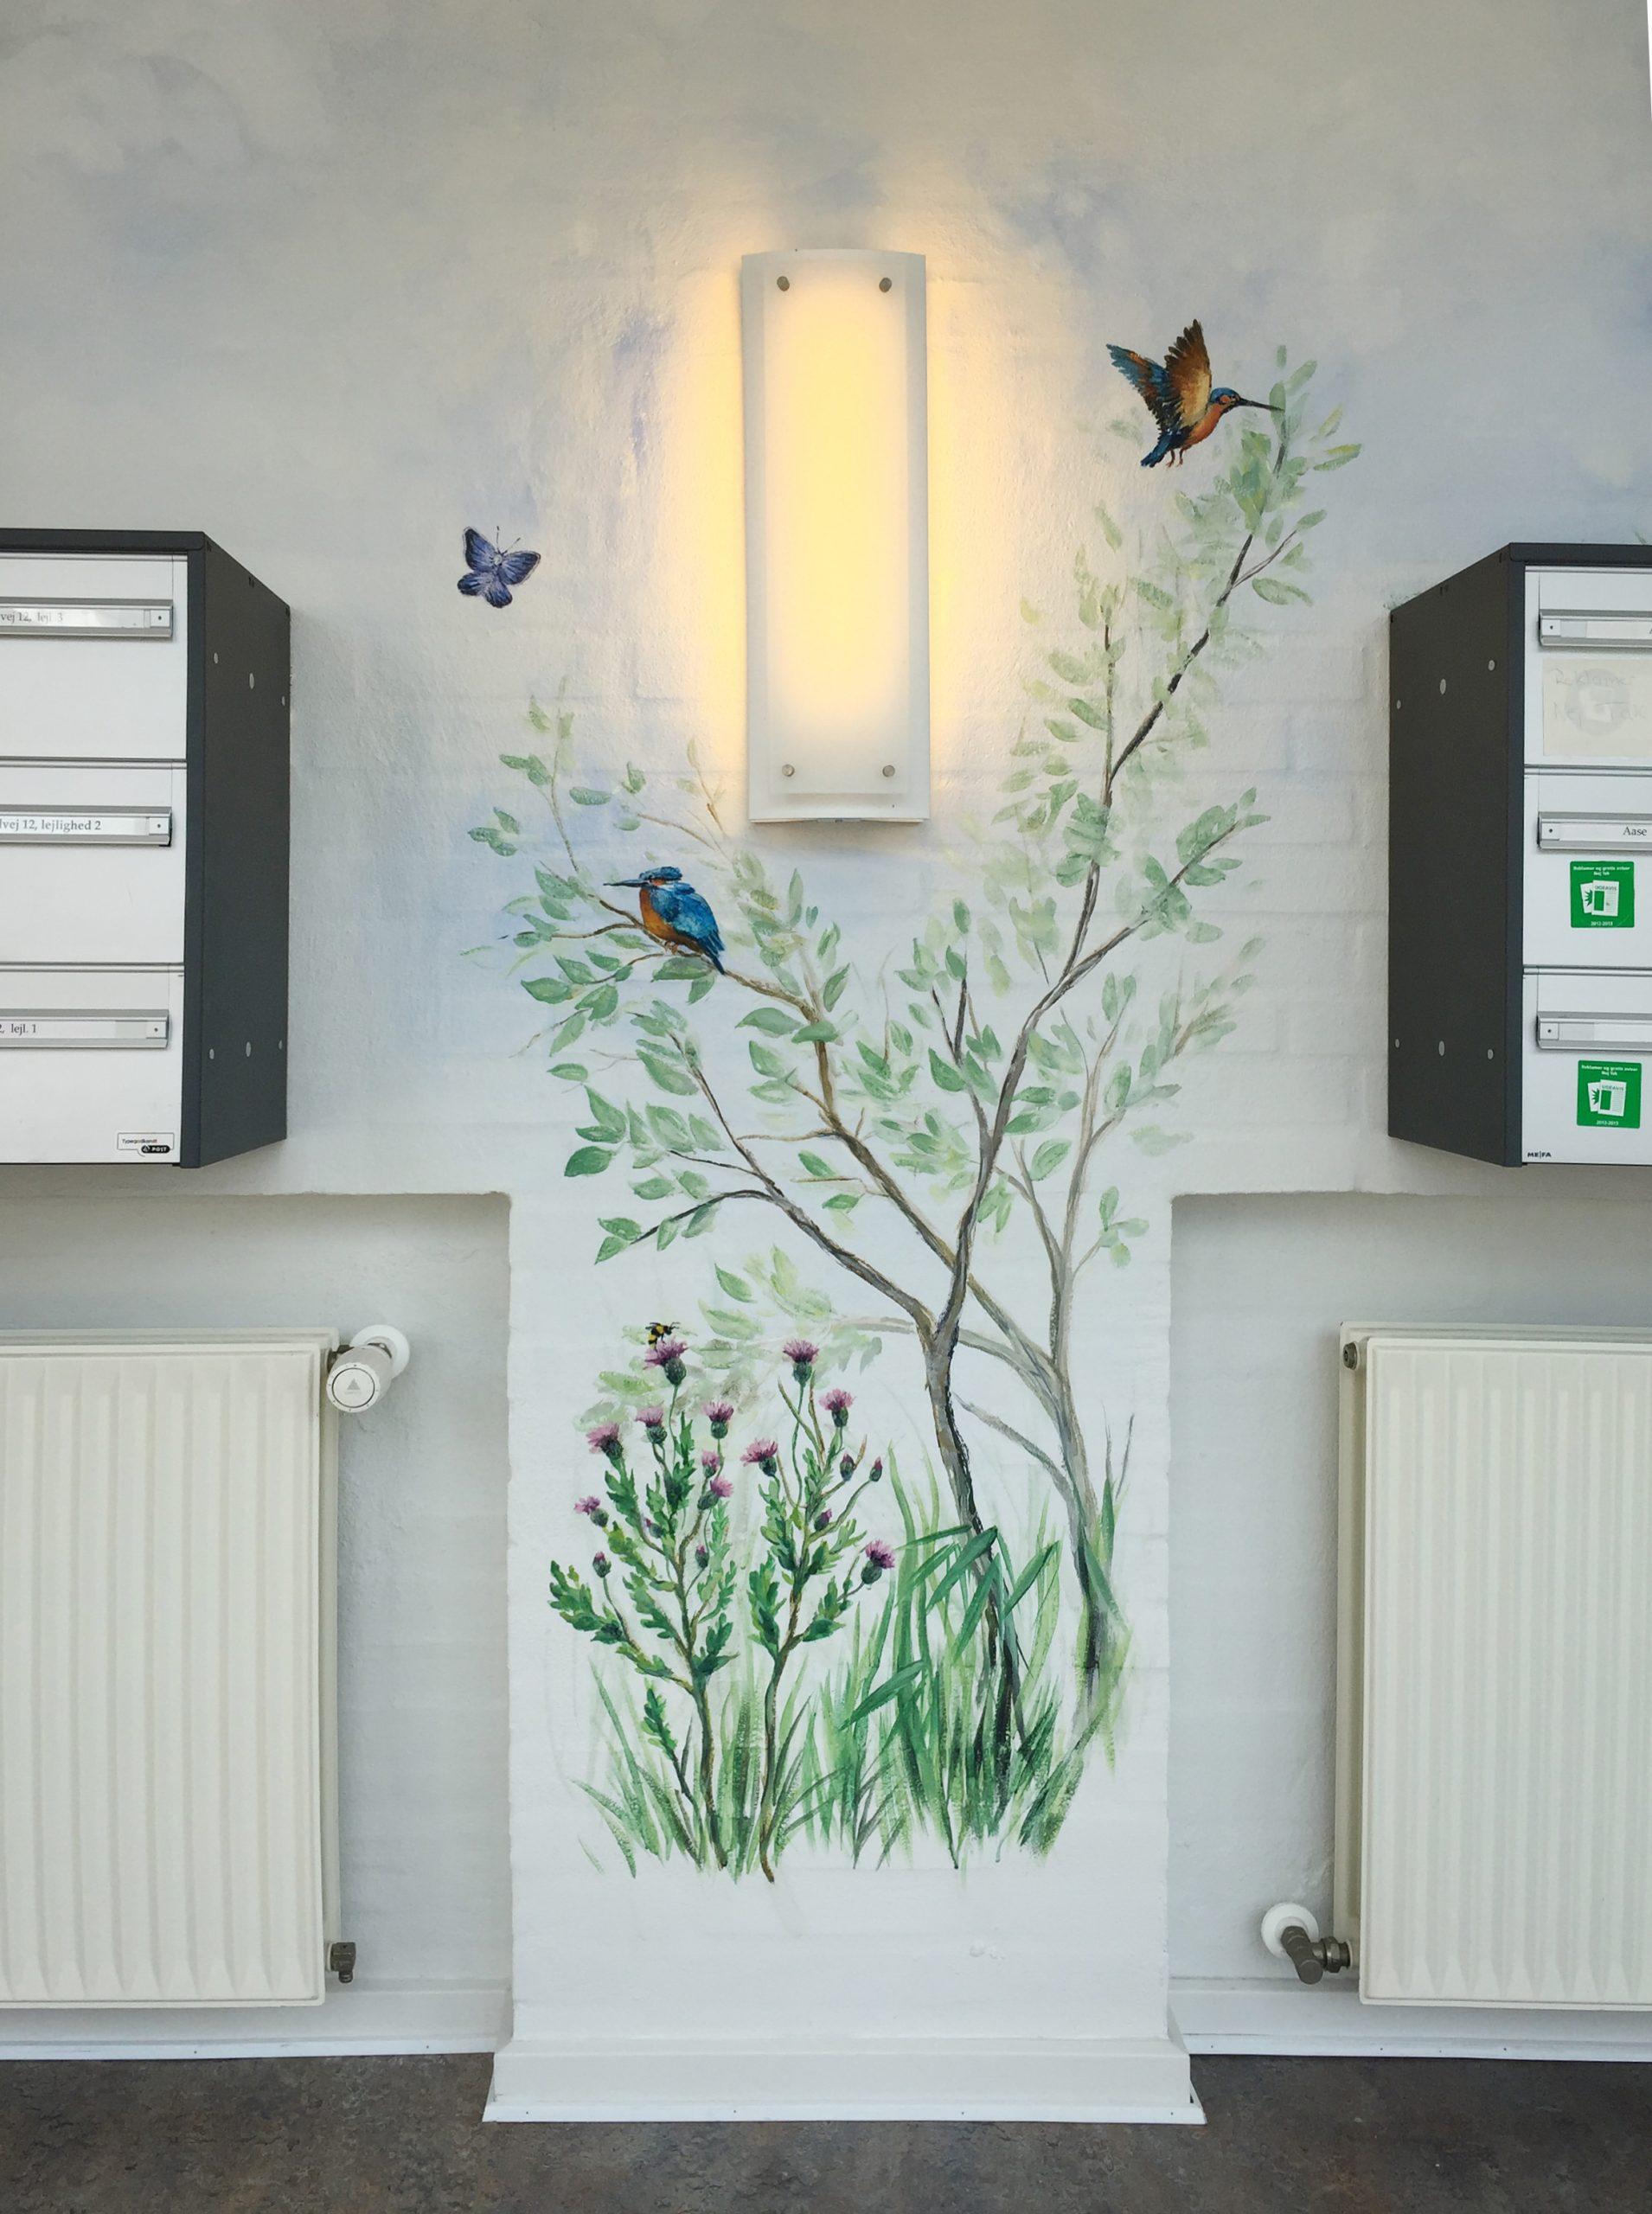 Vægmaleri af dyr fra Store Vildmose ved postkasser på Mou Plejecenter 3